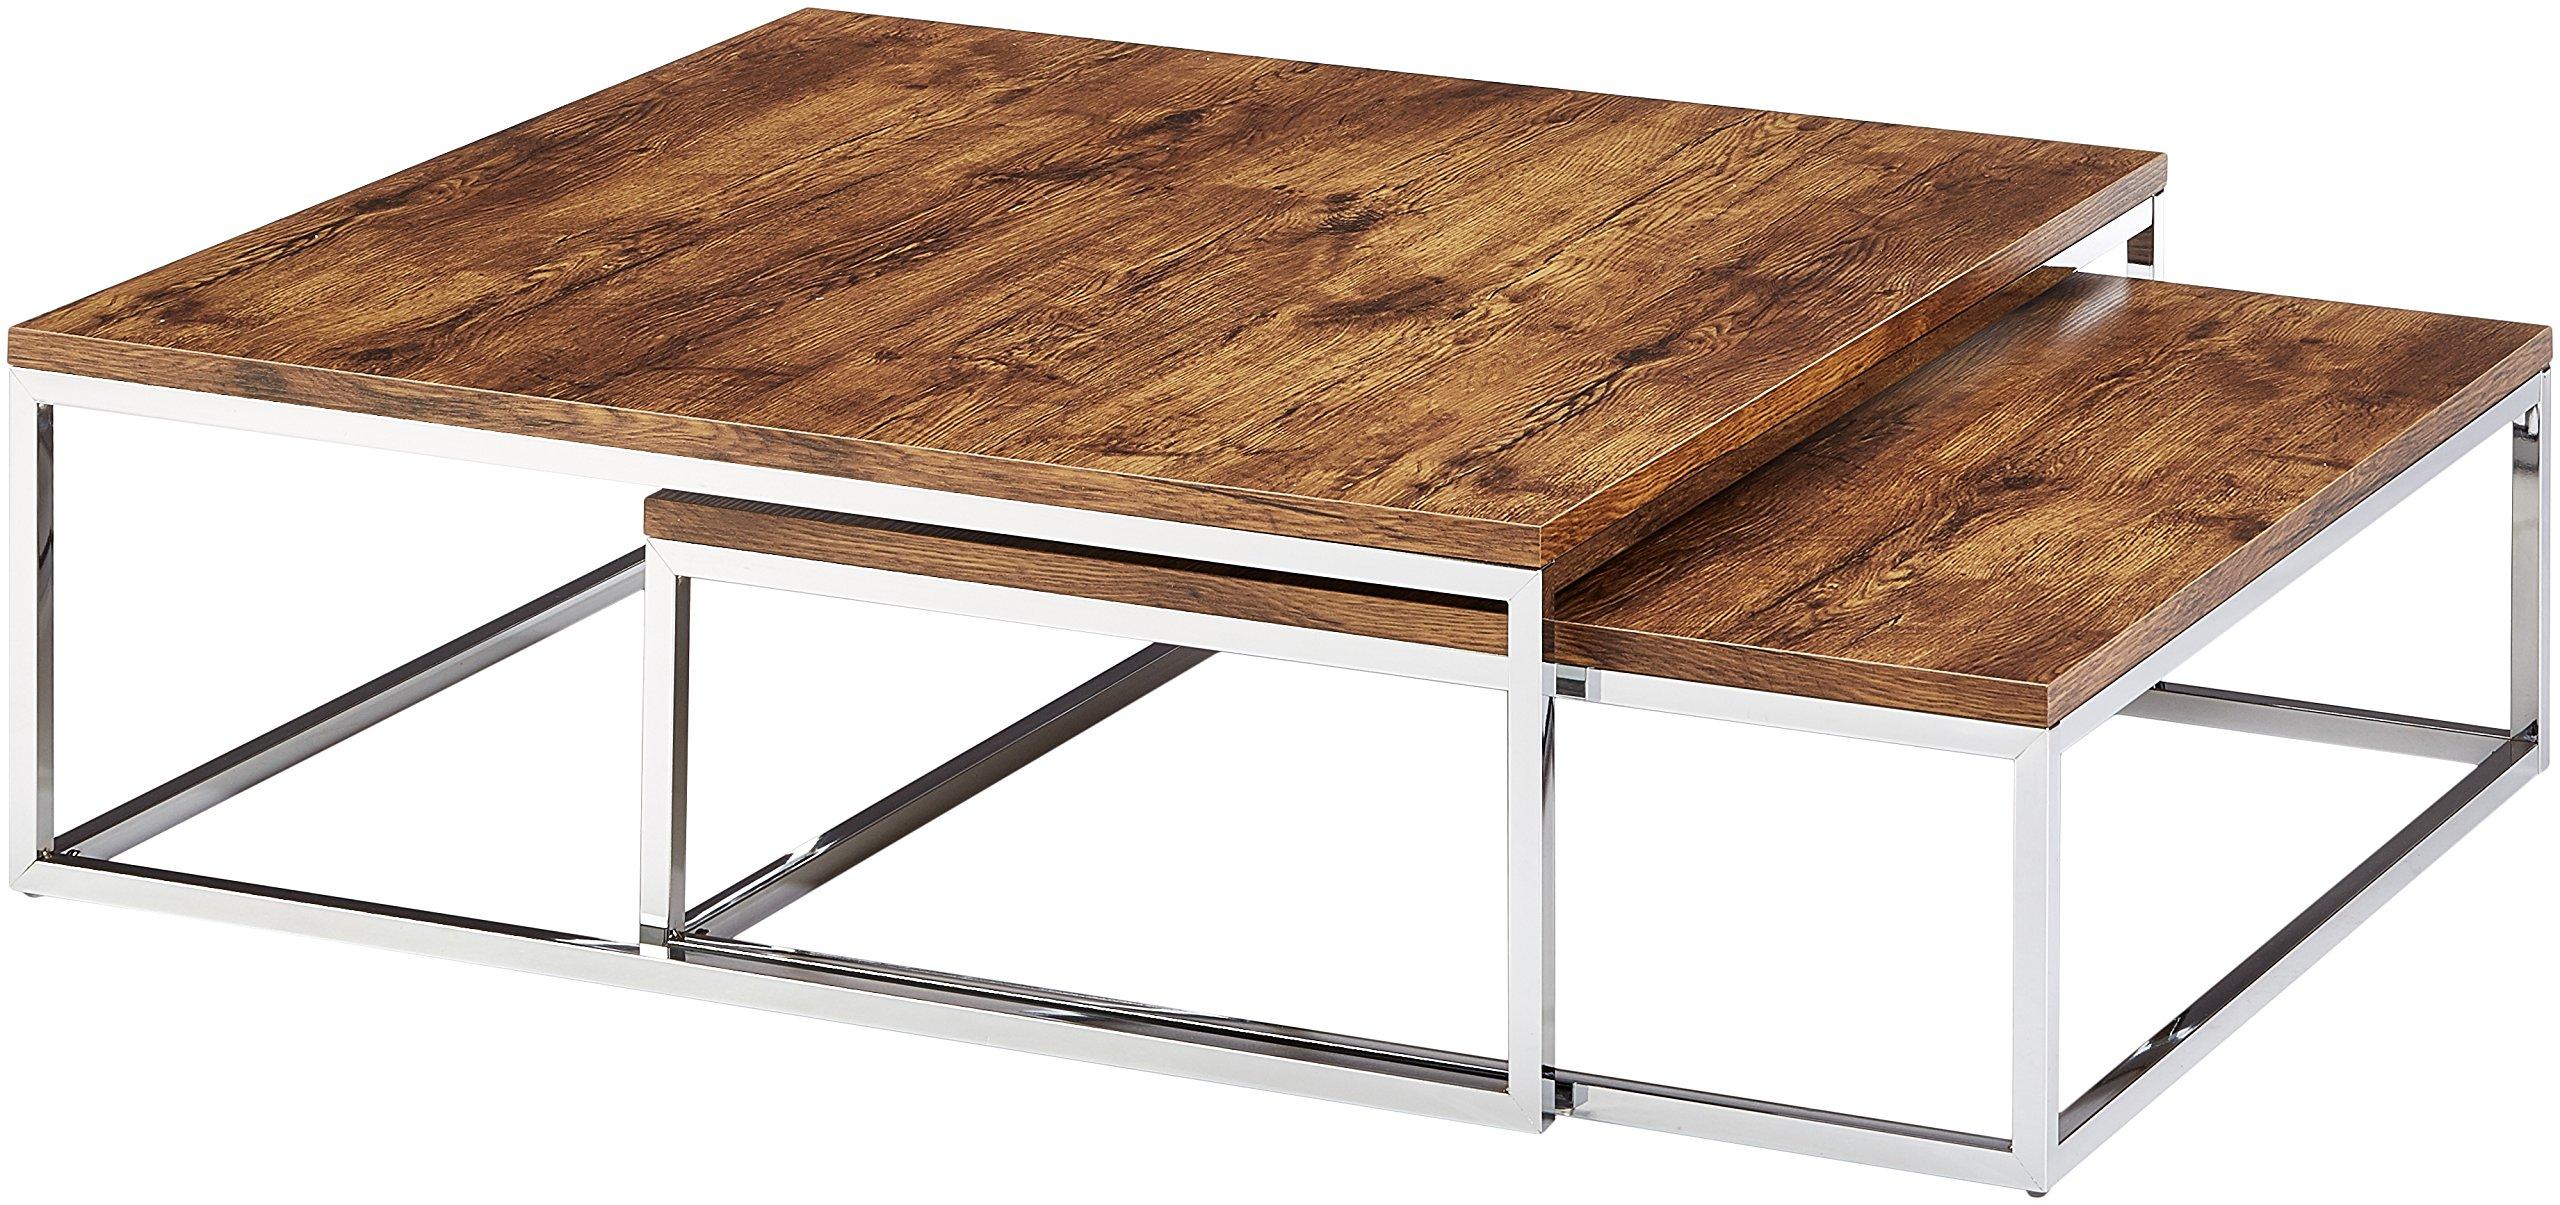 table basse bois metal. Black Bedroom Furniture Sets. Home Design Ideas